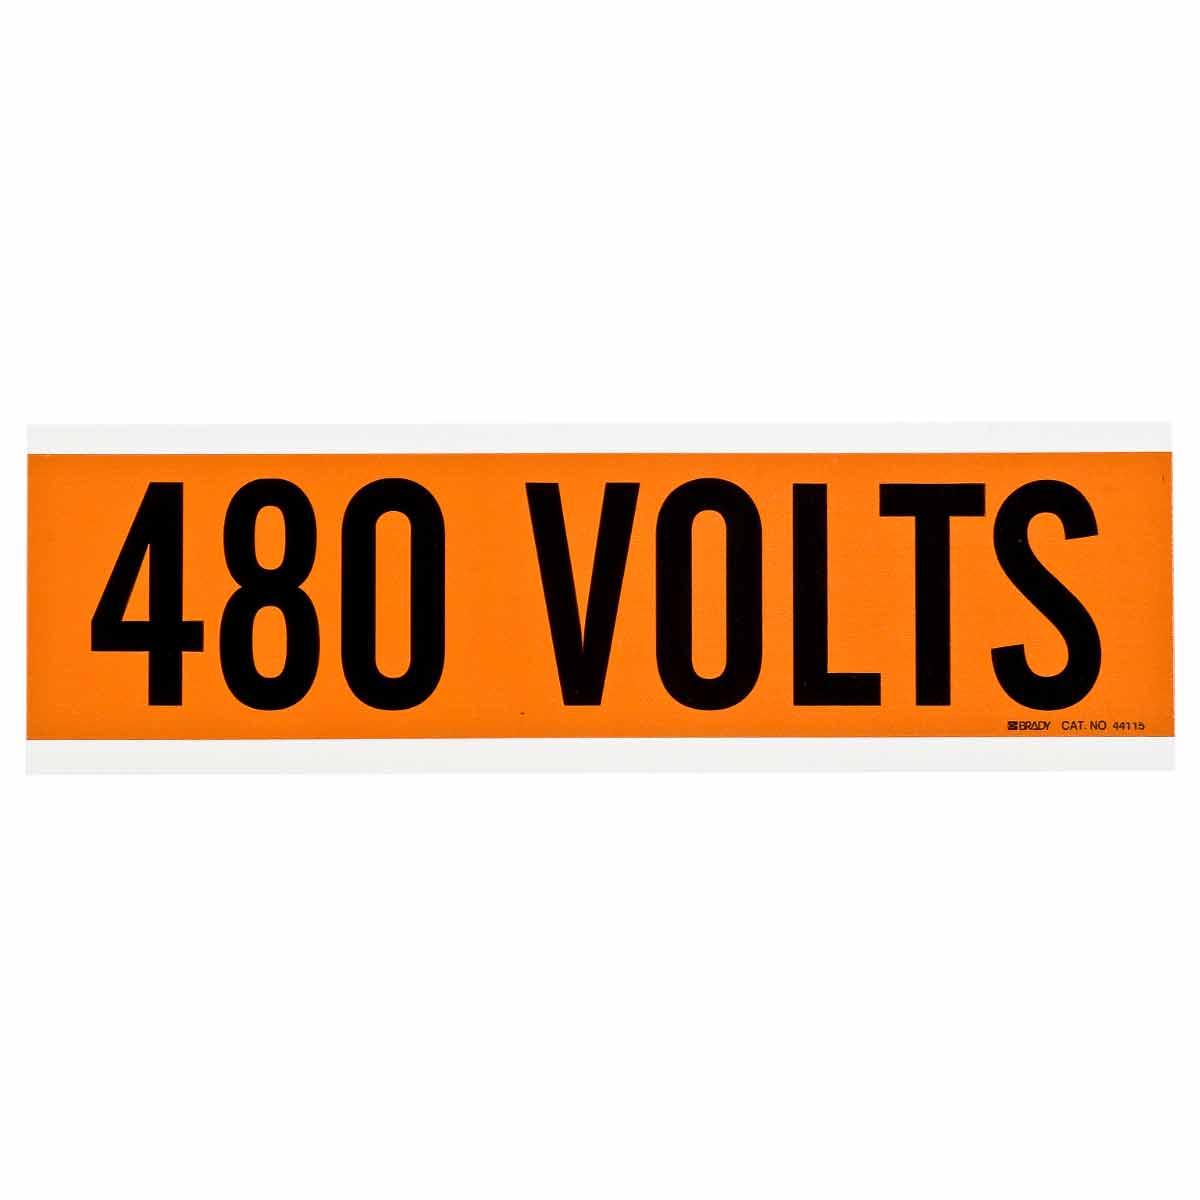 BRADY 44115 Conduit & VoltageMarker 480V